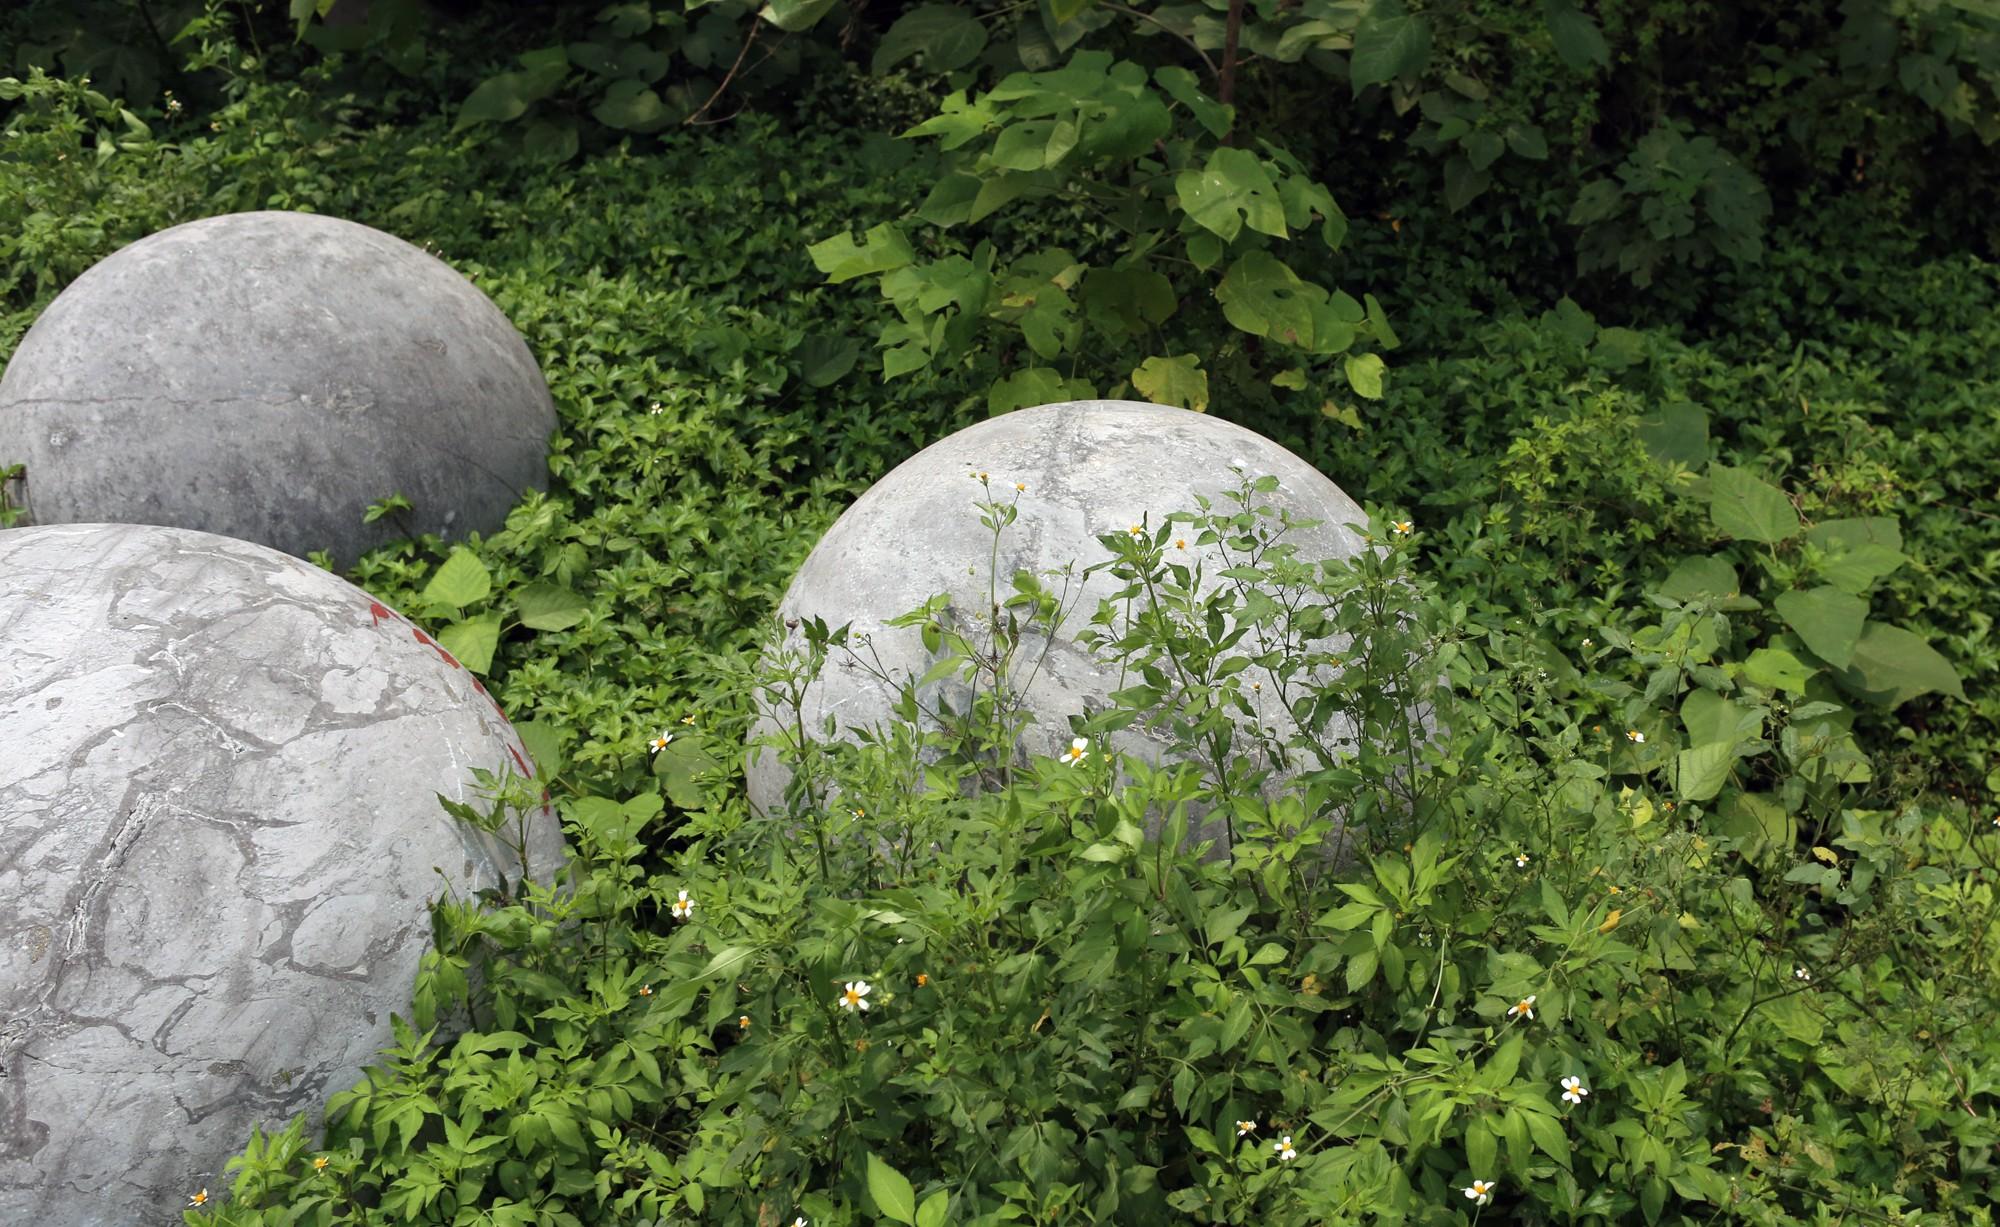 Bóng xích ở sân Mỹ Đình nguy cơ bị chôn trong rác - Ảnh 8.